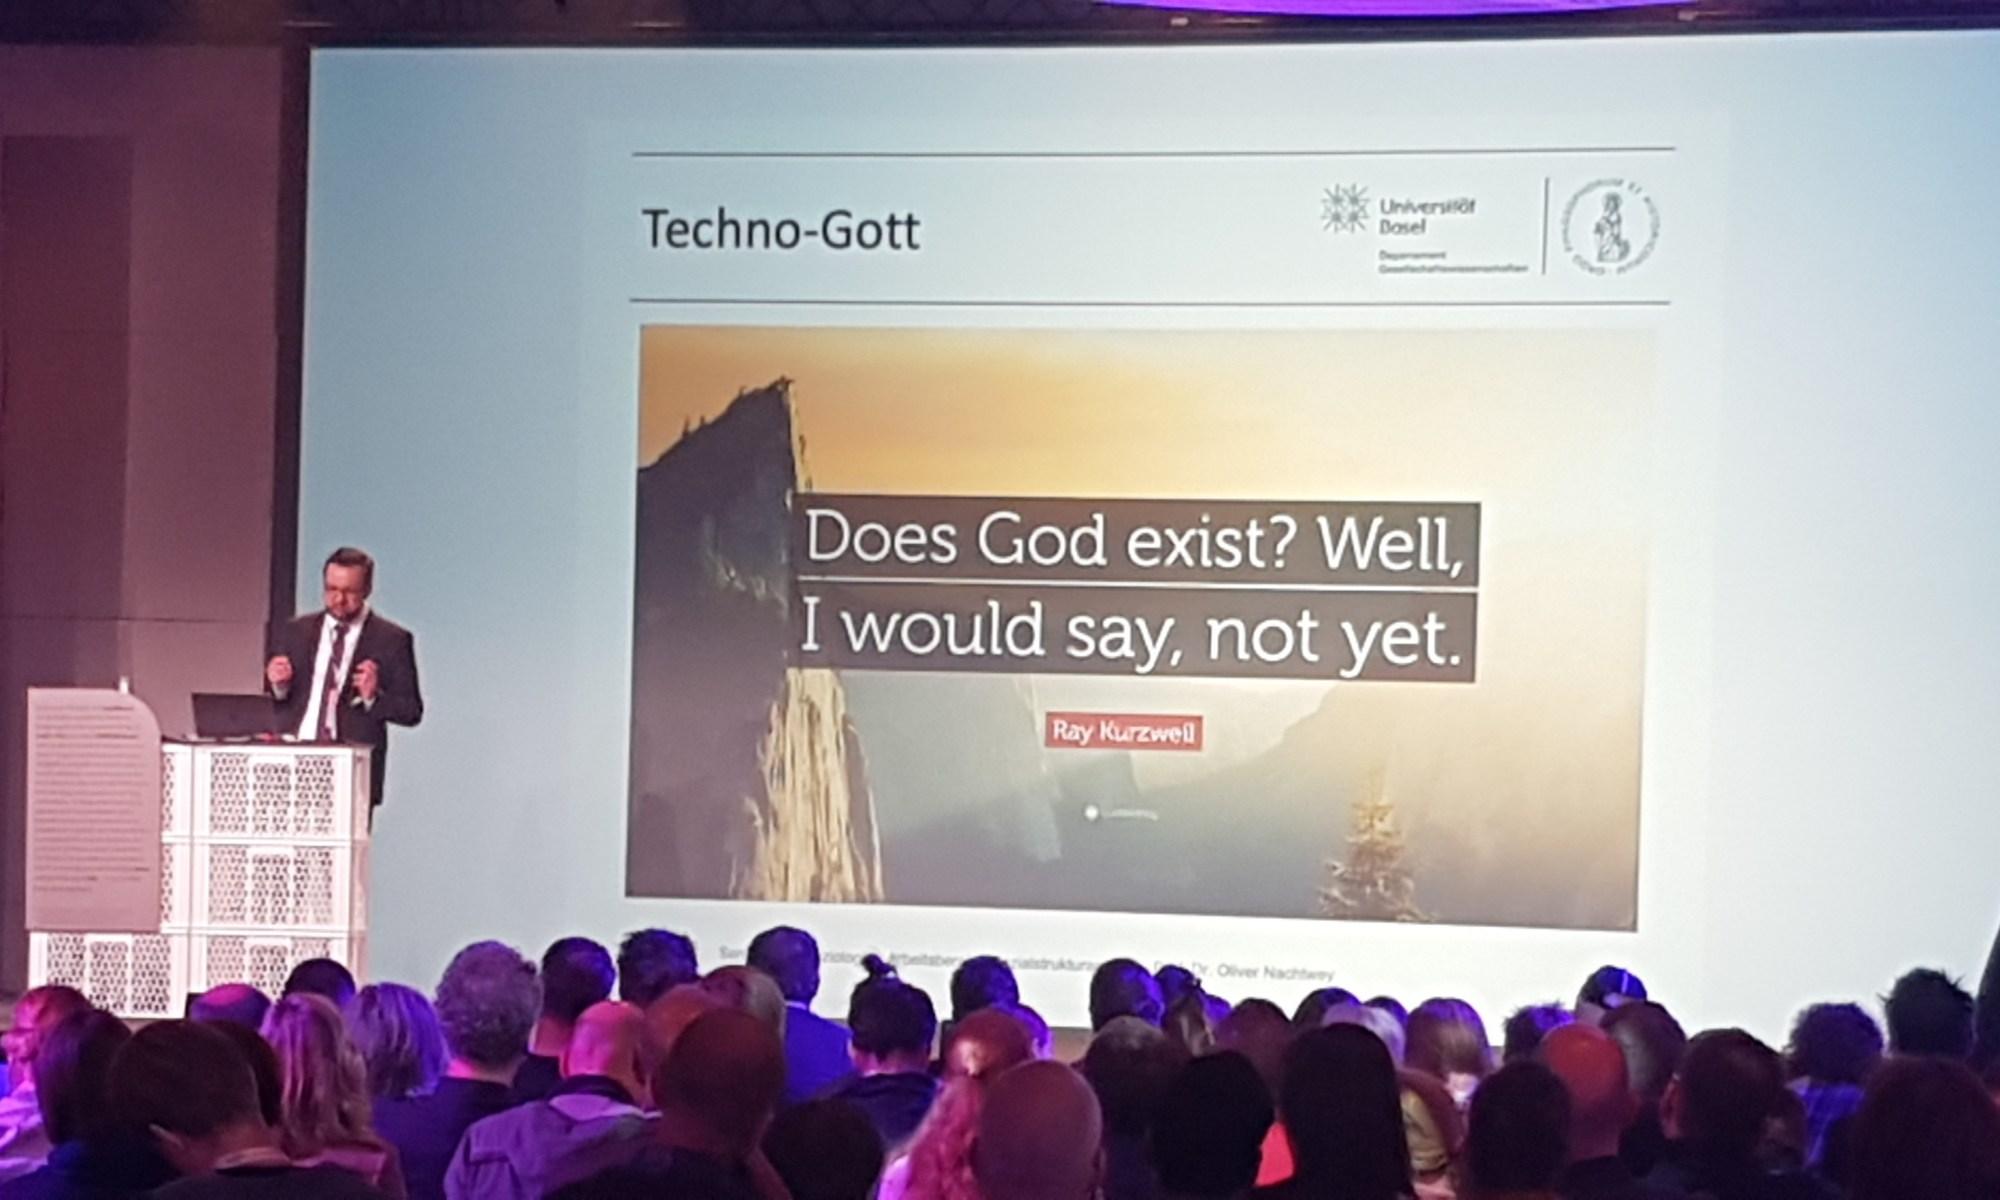 Techno-Gott